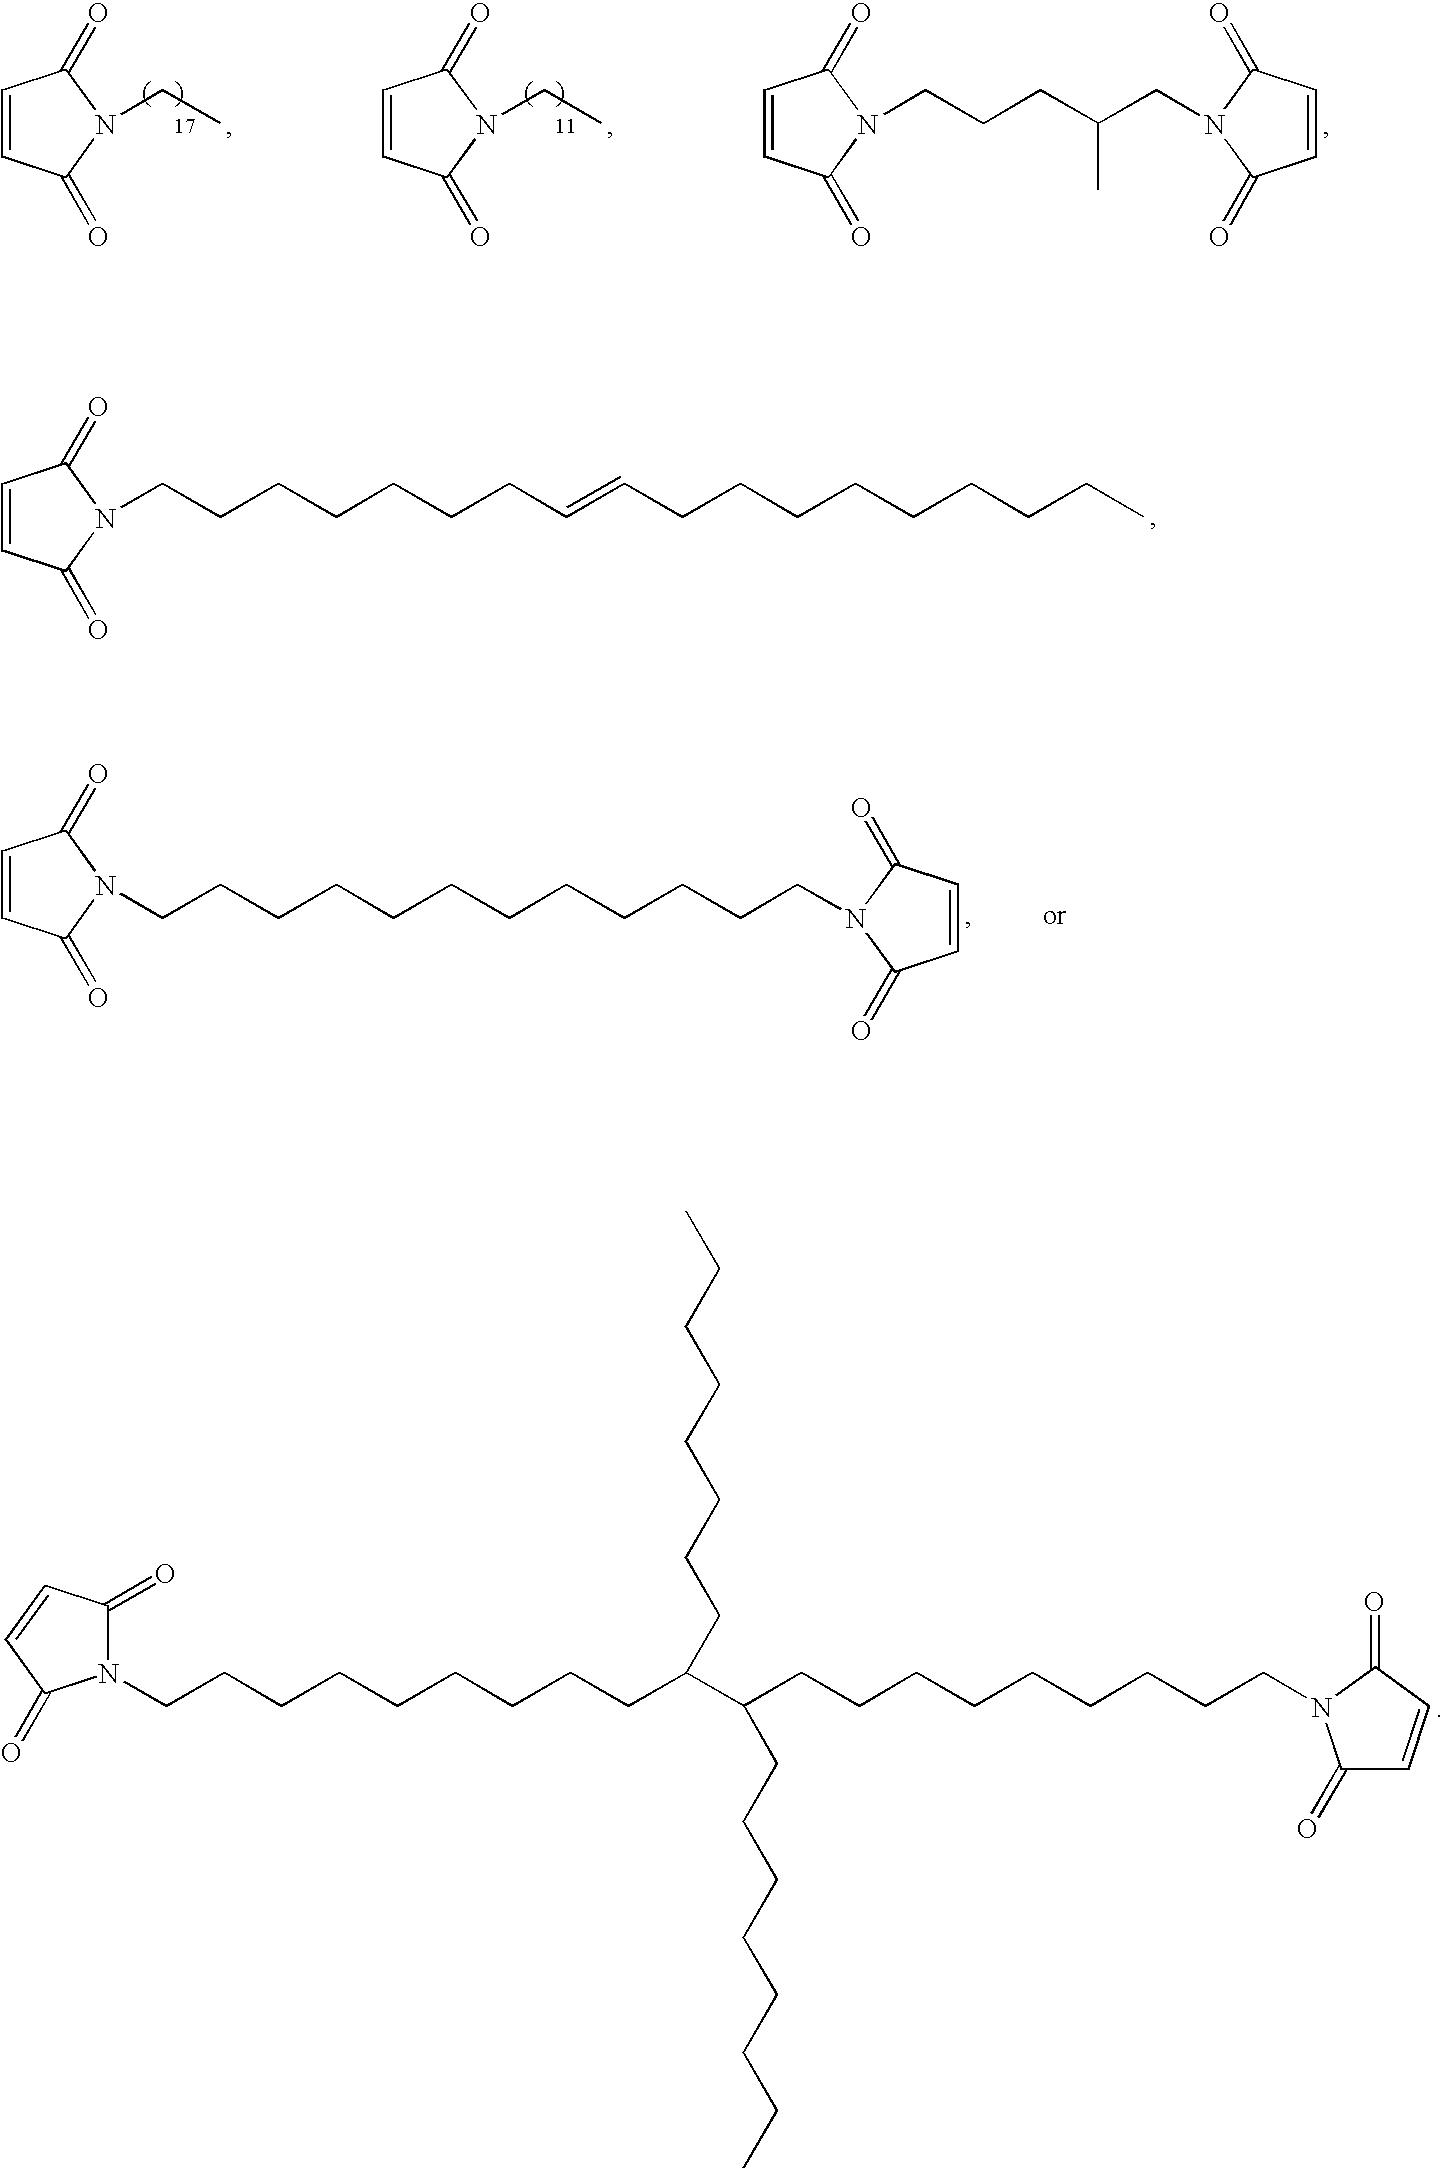 Figure US20040225045A1-20041111-C00013